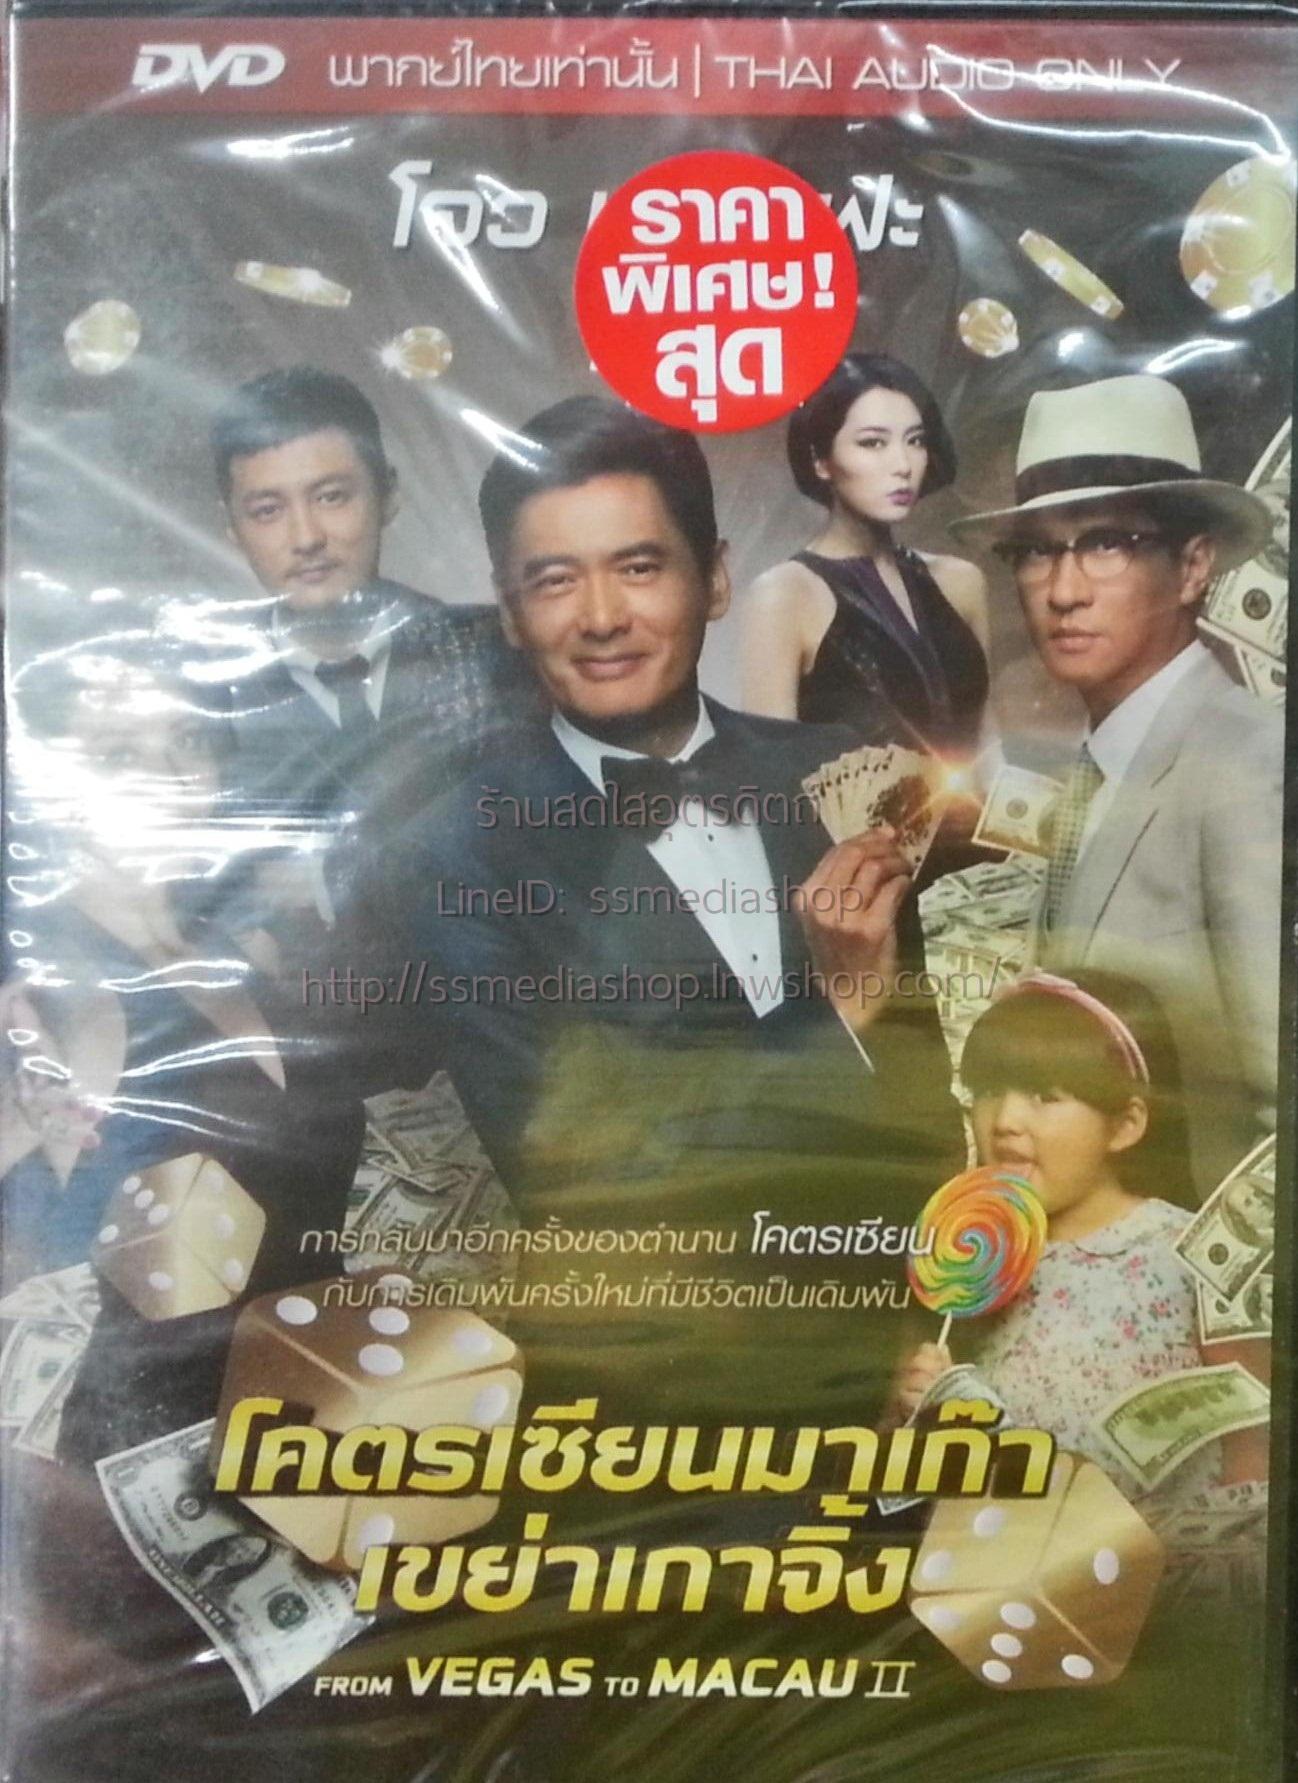 DVD หนังจีนโคตรเซียนมาเก๊าเขย่าเกาจิ้ง โจวเหวินฟะ